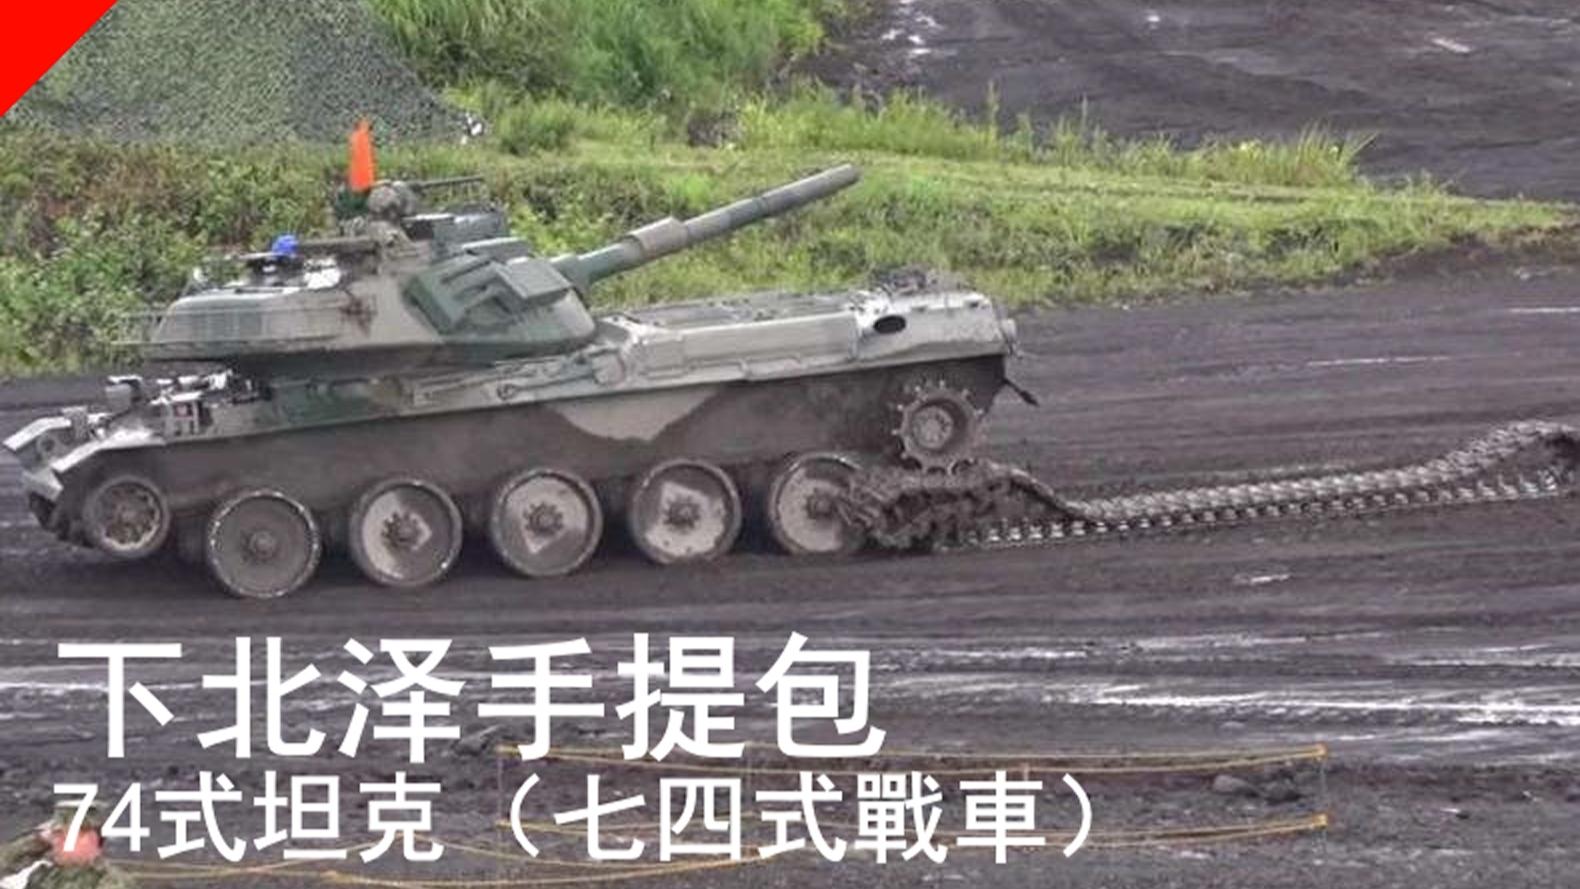 【冷门装甲】下北泽手提包:七四式戰車